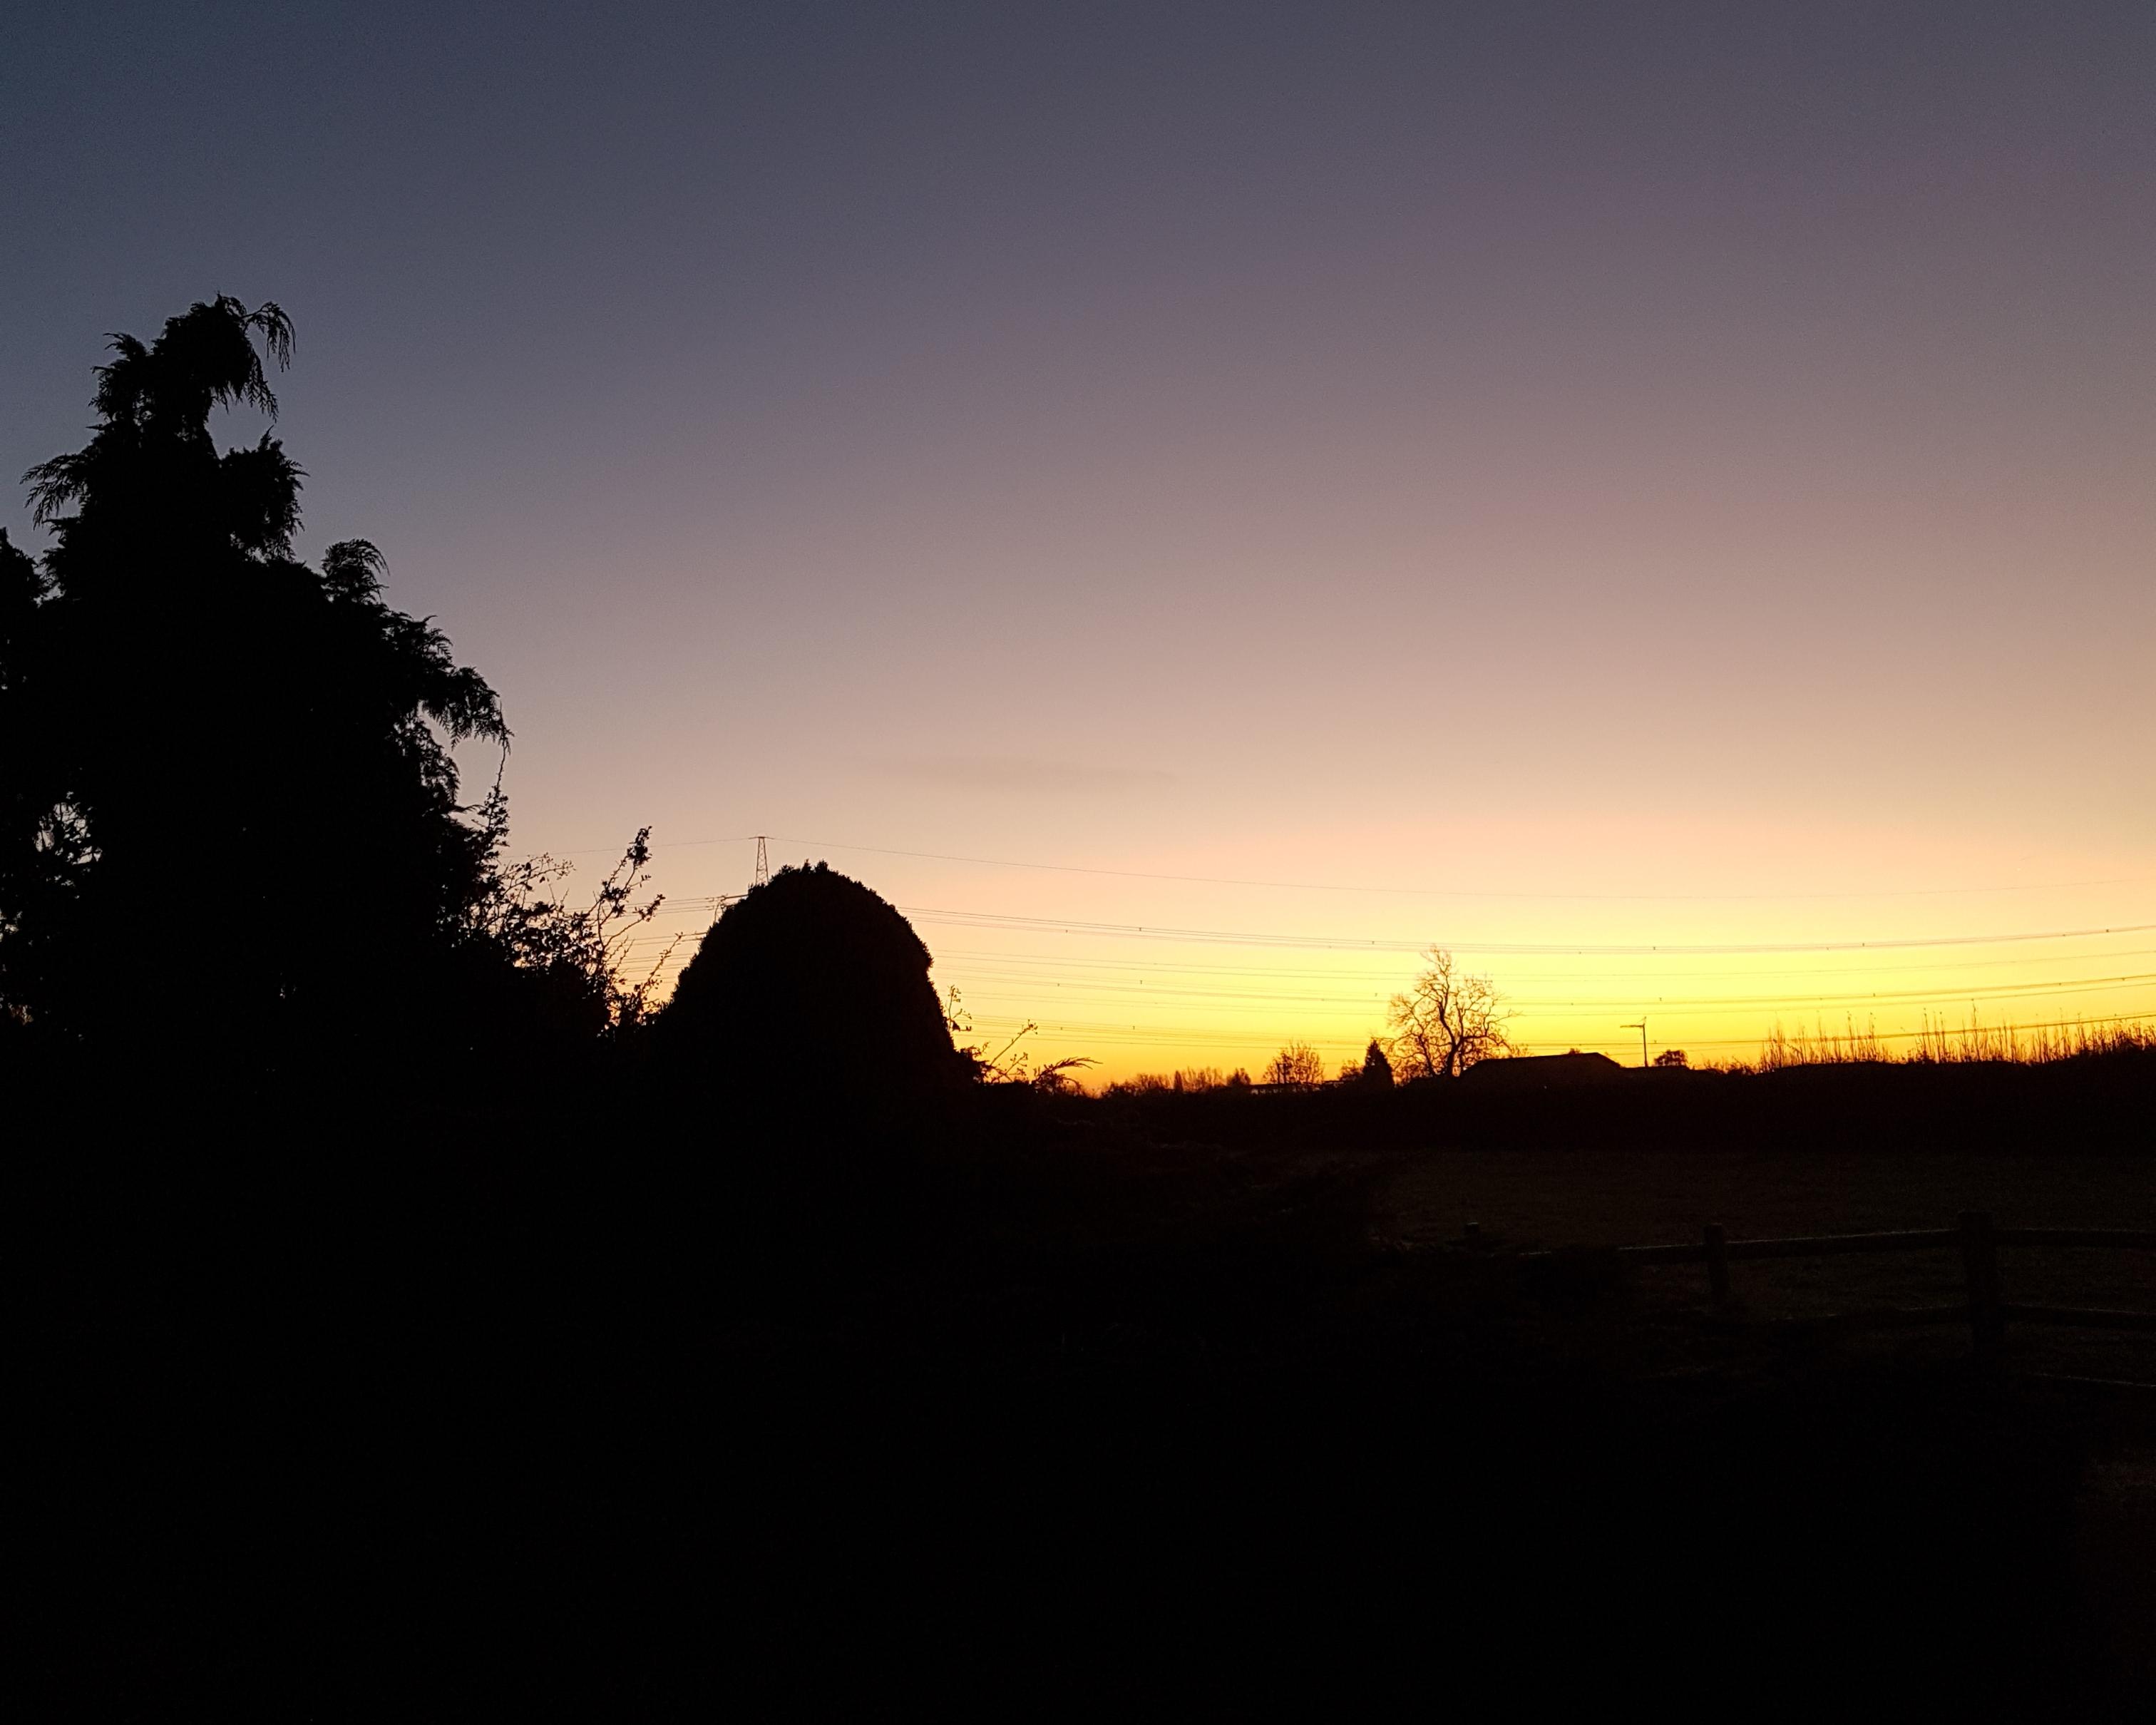 #sunrise #silouhette